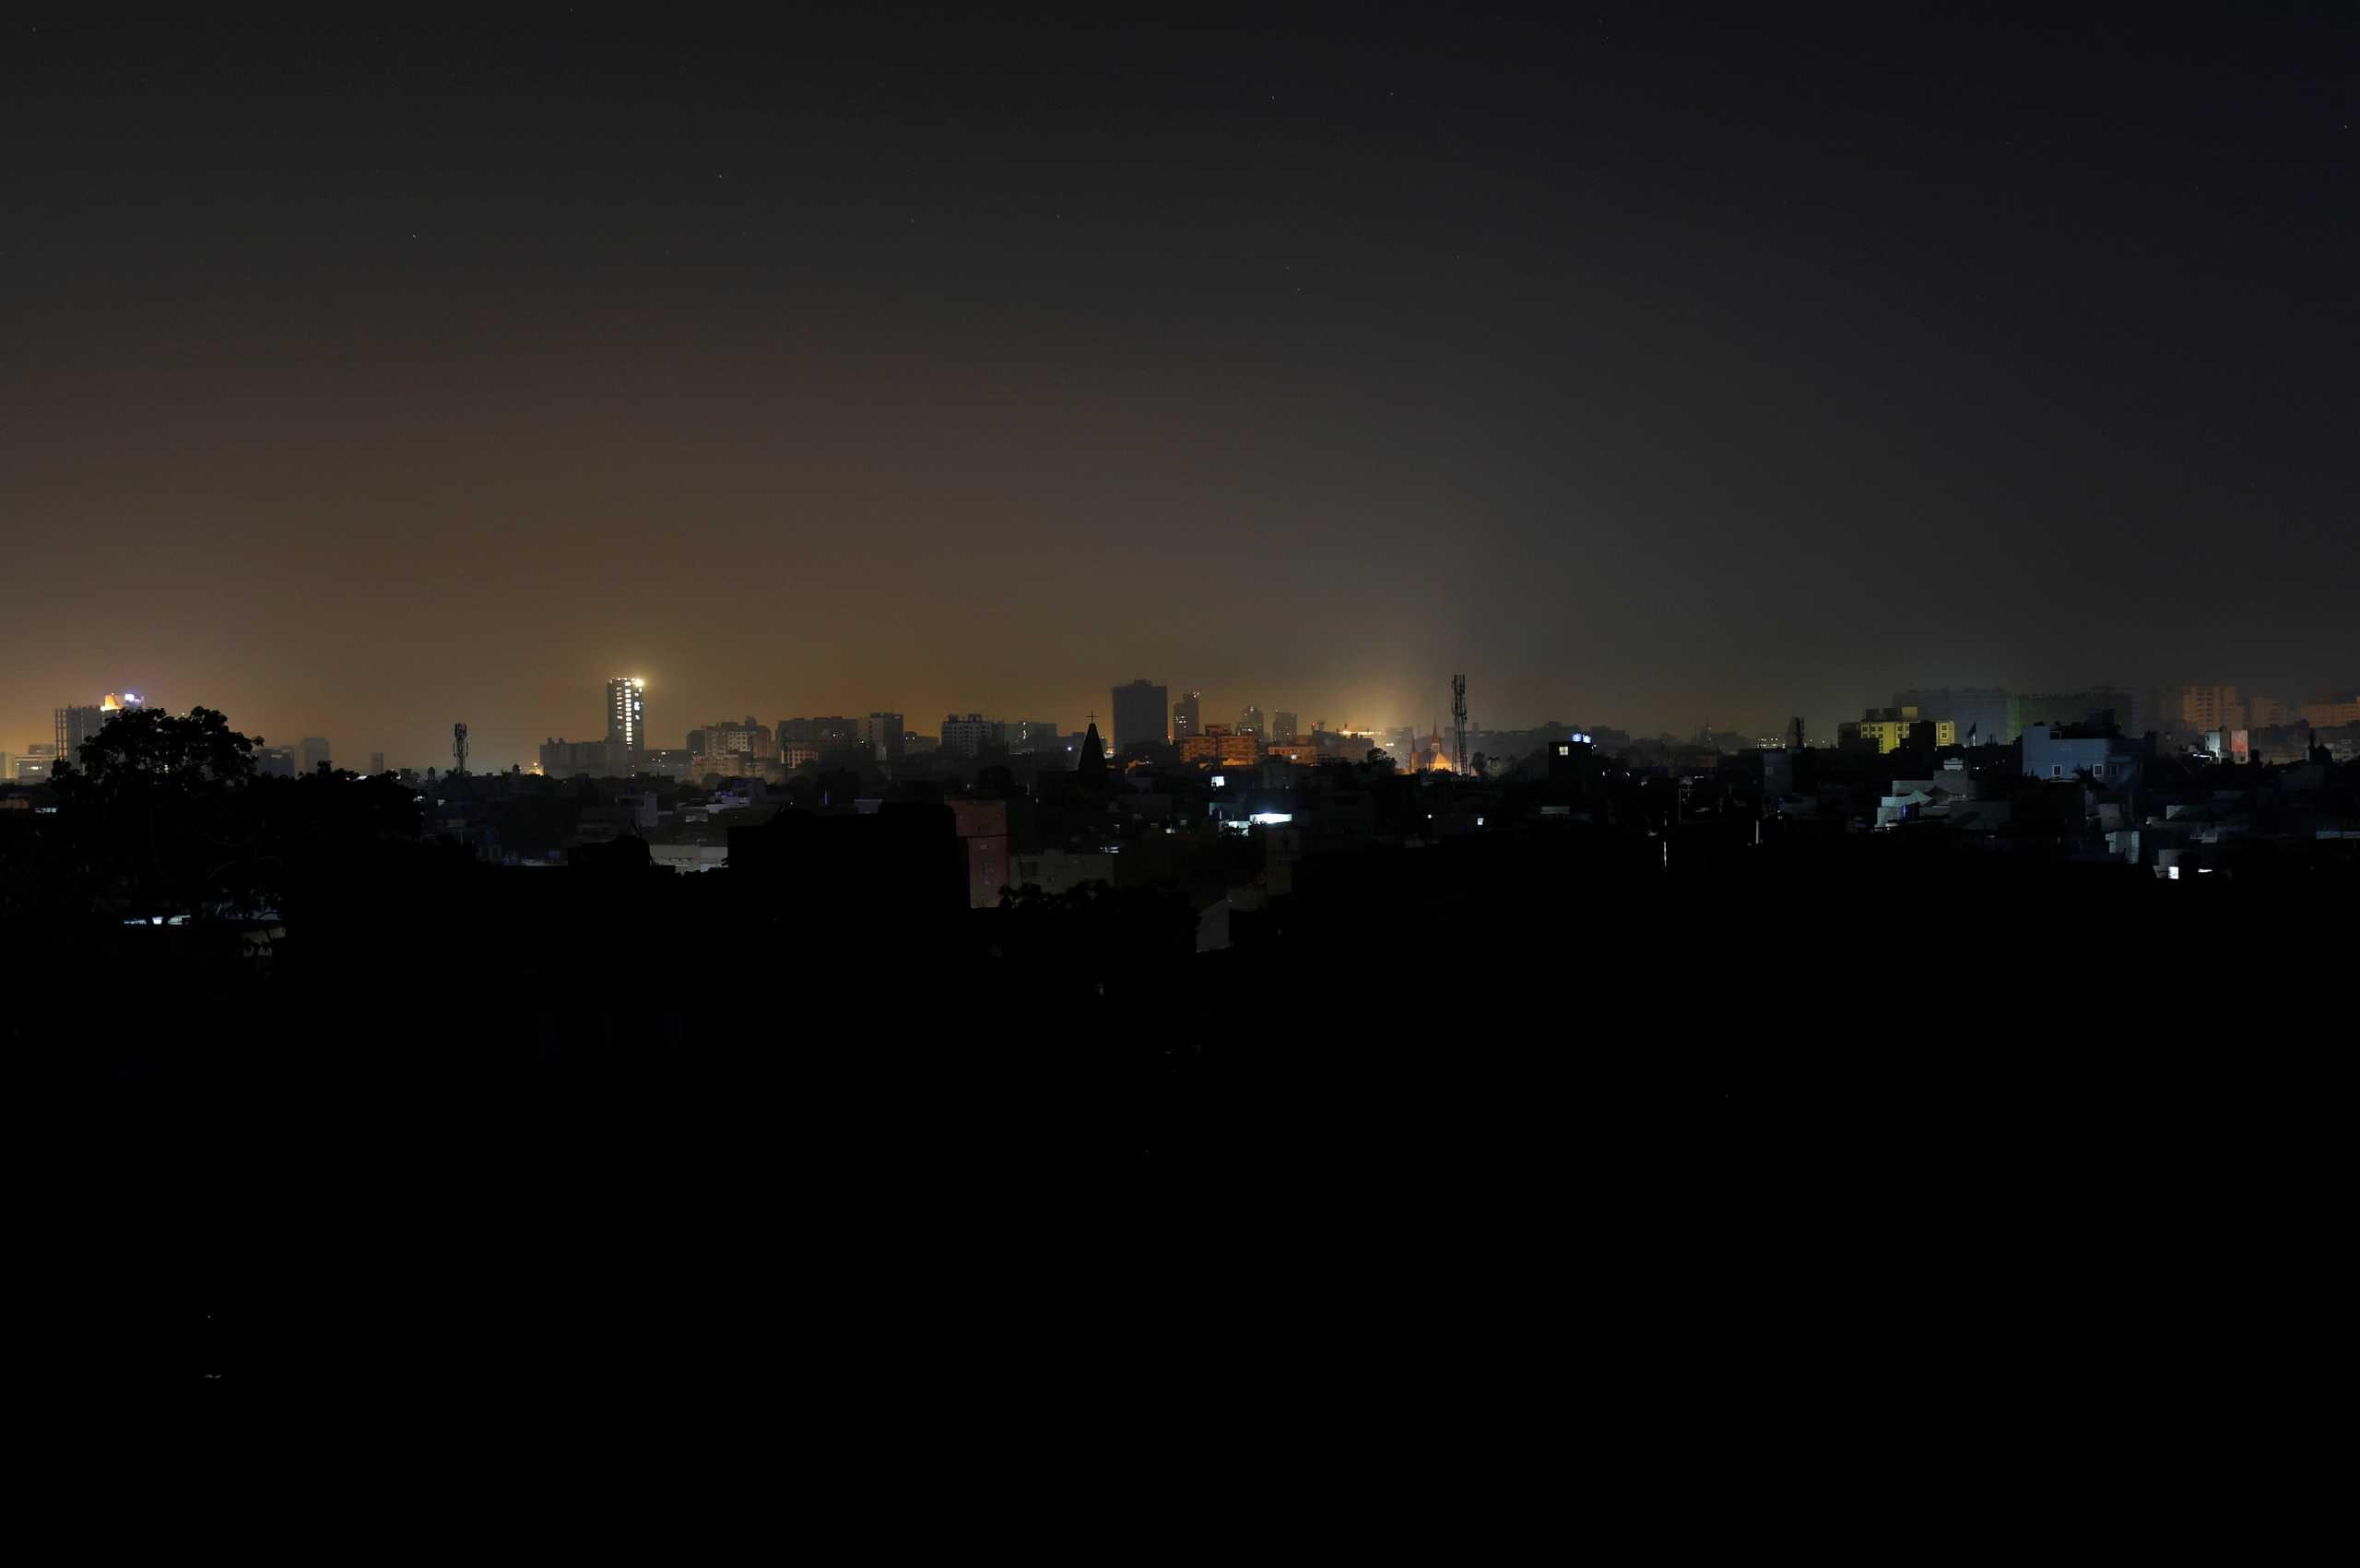 Πακιστάν: Αποκαταστάθηκε η ηλεκτροδότηση μετά το ολικό μπλακ-άουτ